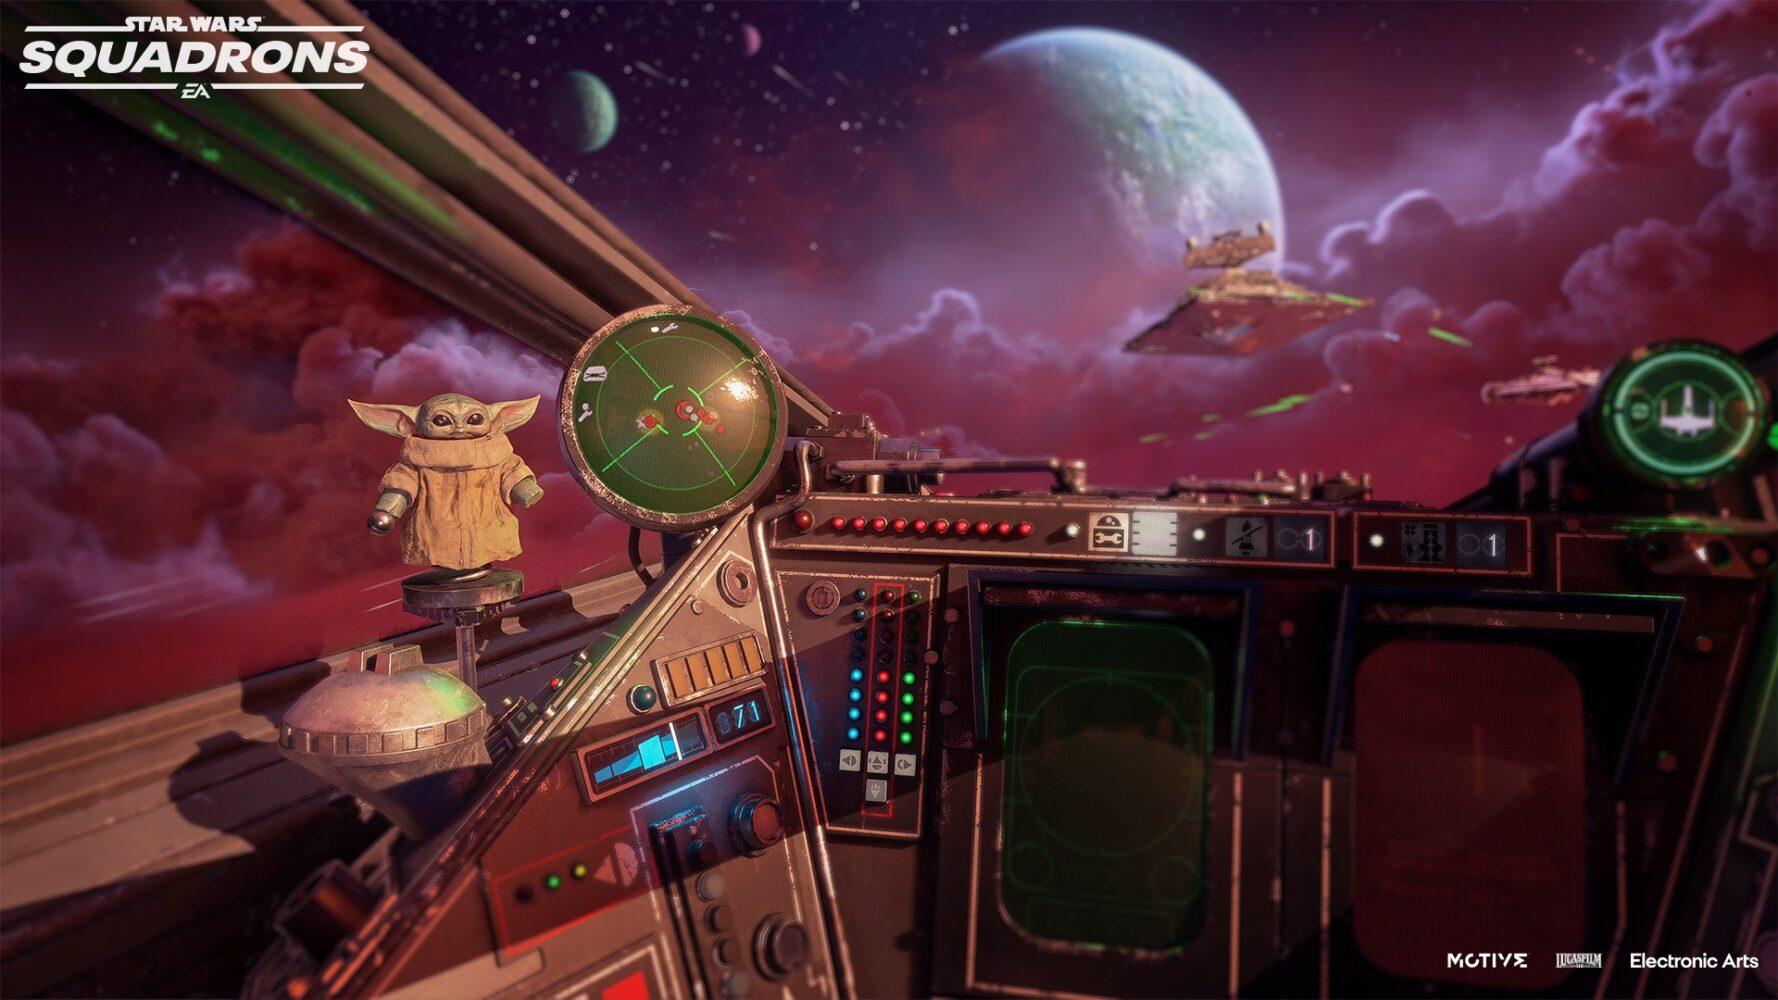 The Mandalorian DLC Squadrons